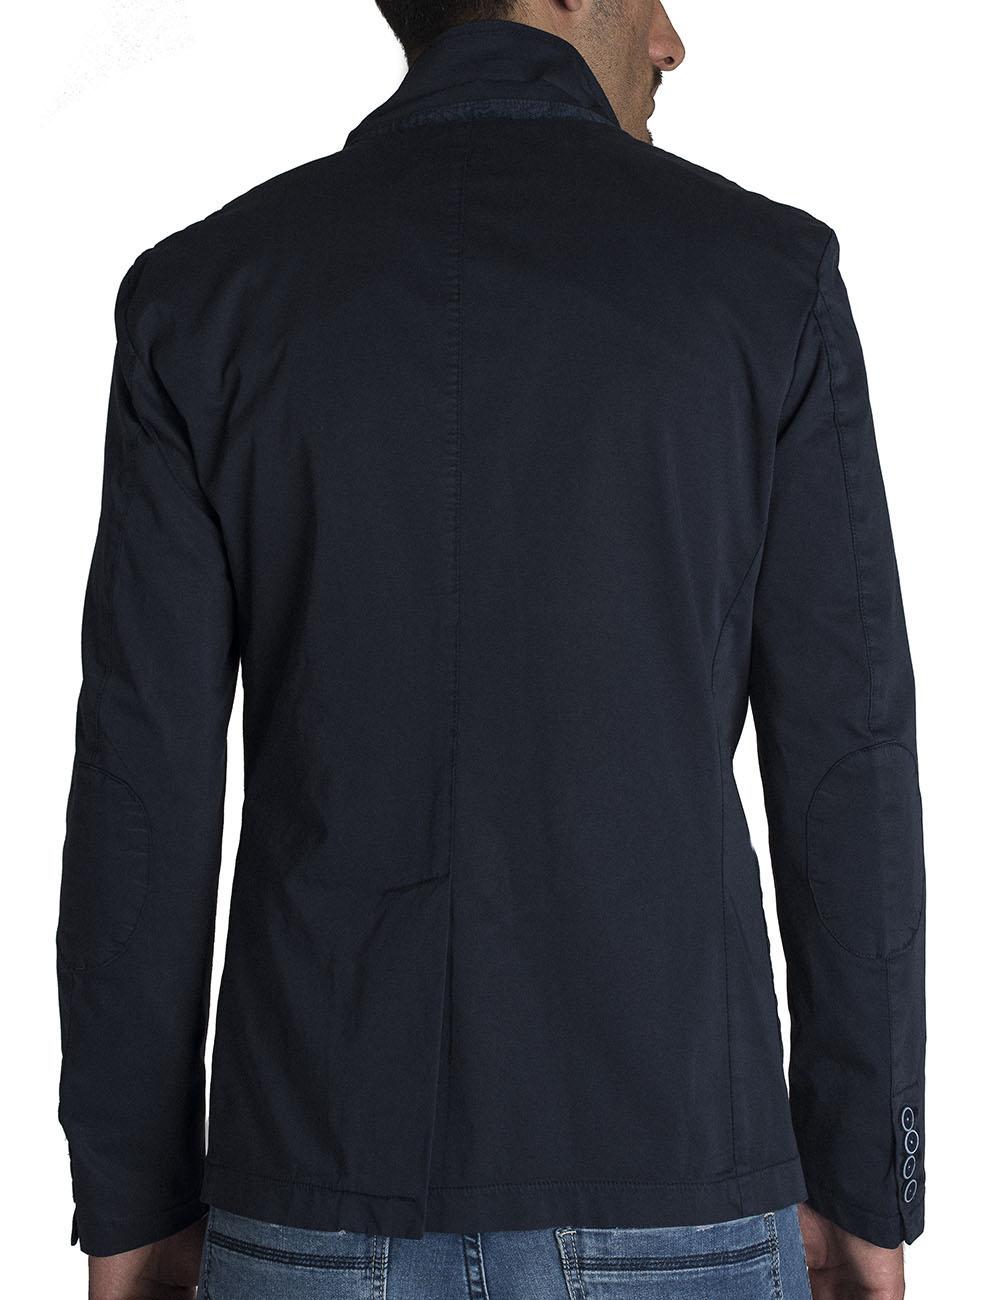 35d9939915 Giacca Uomo Slim Fit Cotone Tinto Capo Moda Fashion Primavera Estate ...